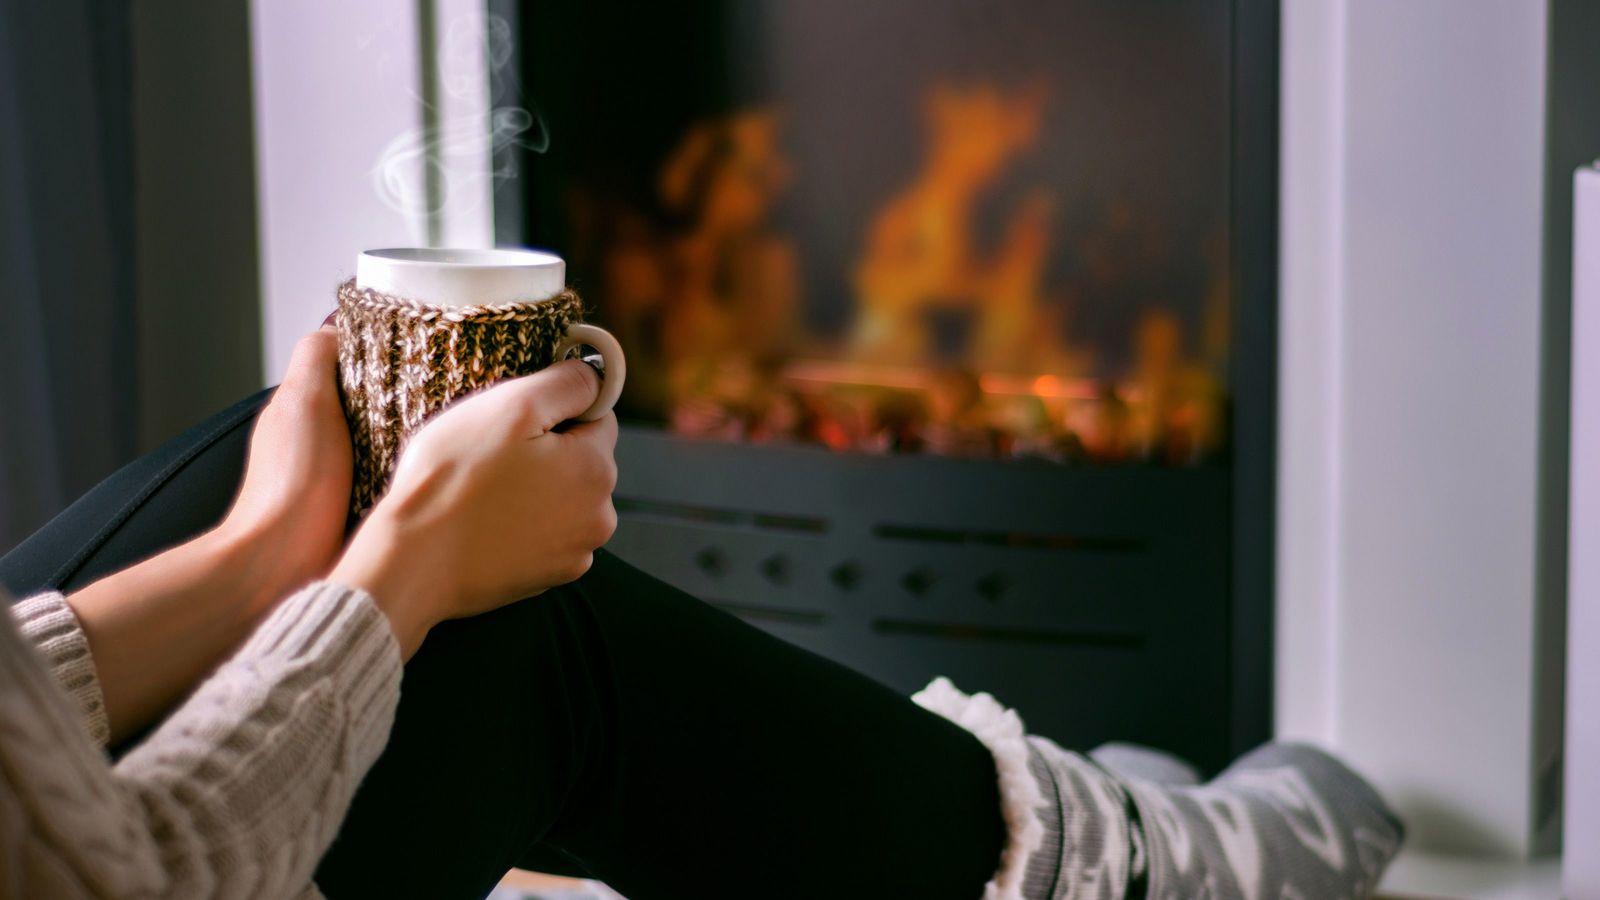 「18度未満の寒い家」は脳を壊し、寿命を縮める 最新研究でわかった室内温度リスク